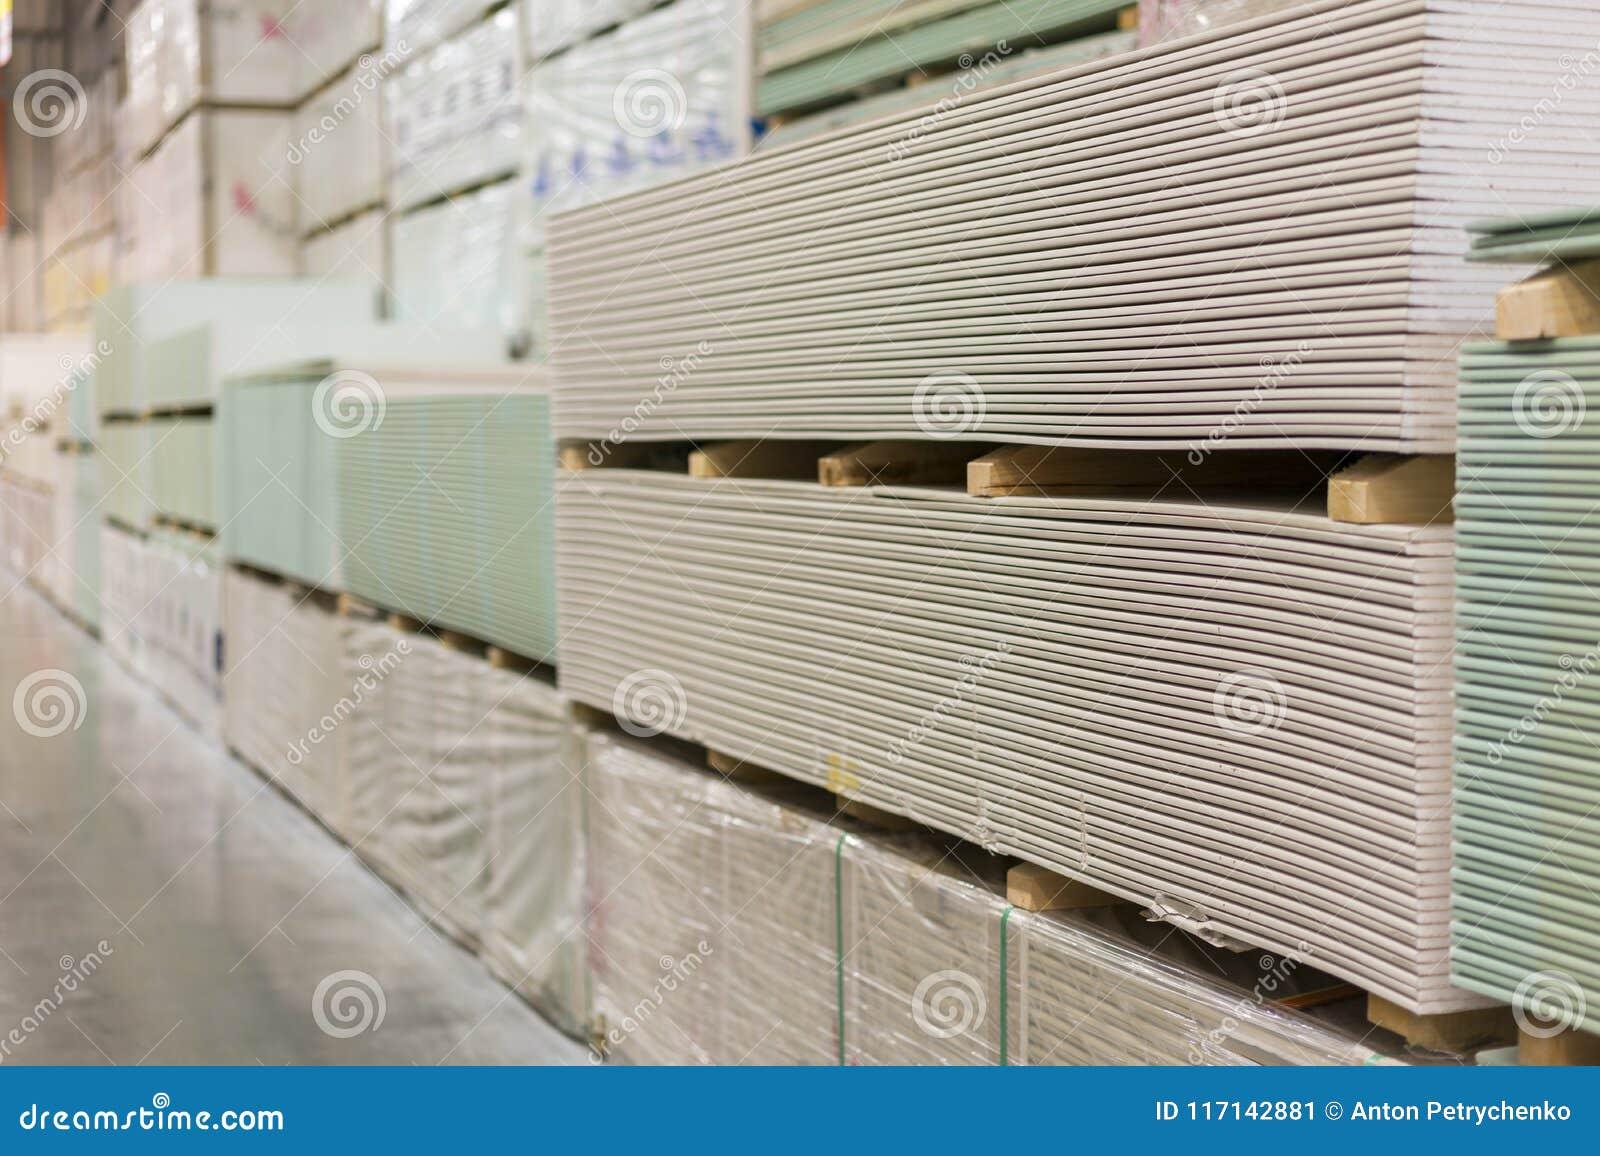 Plaque de plâtre de gypse dans le paquet